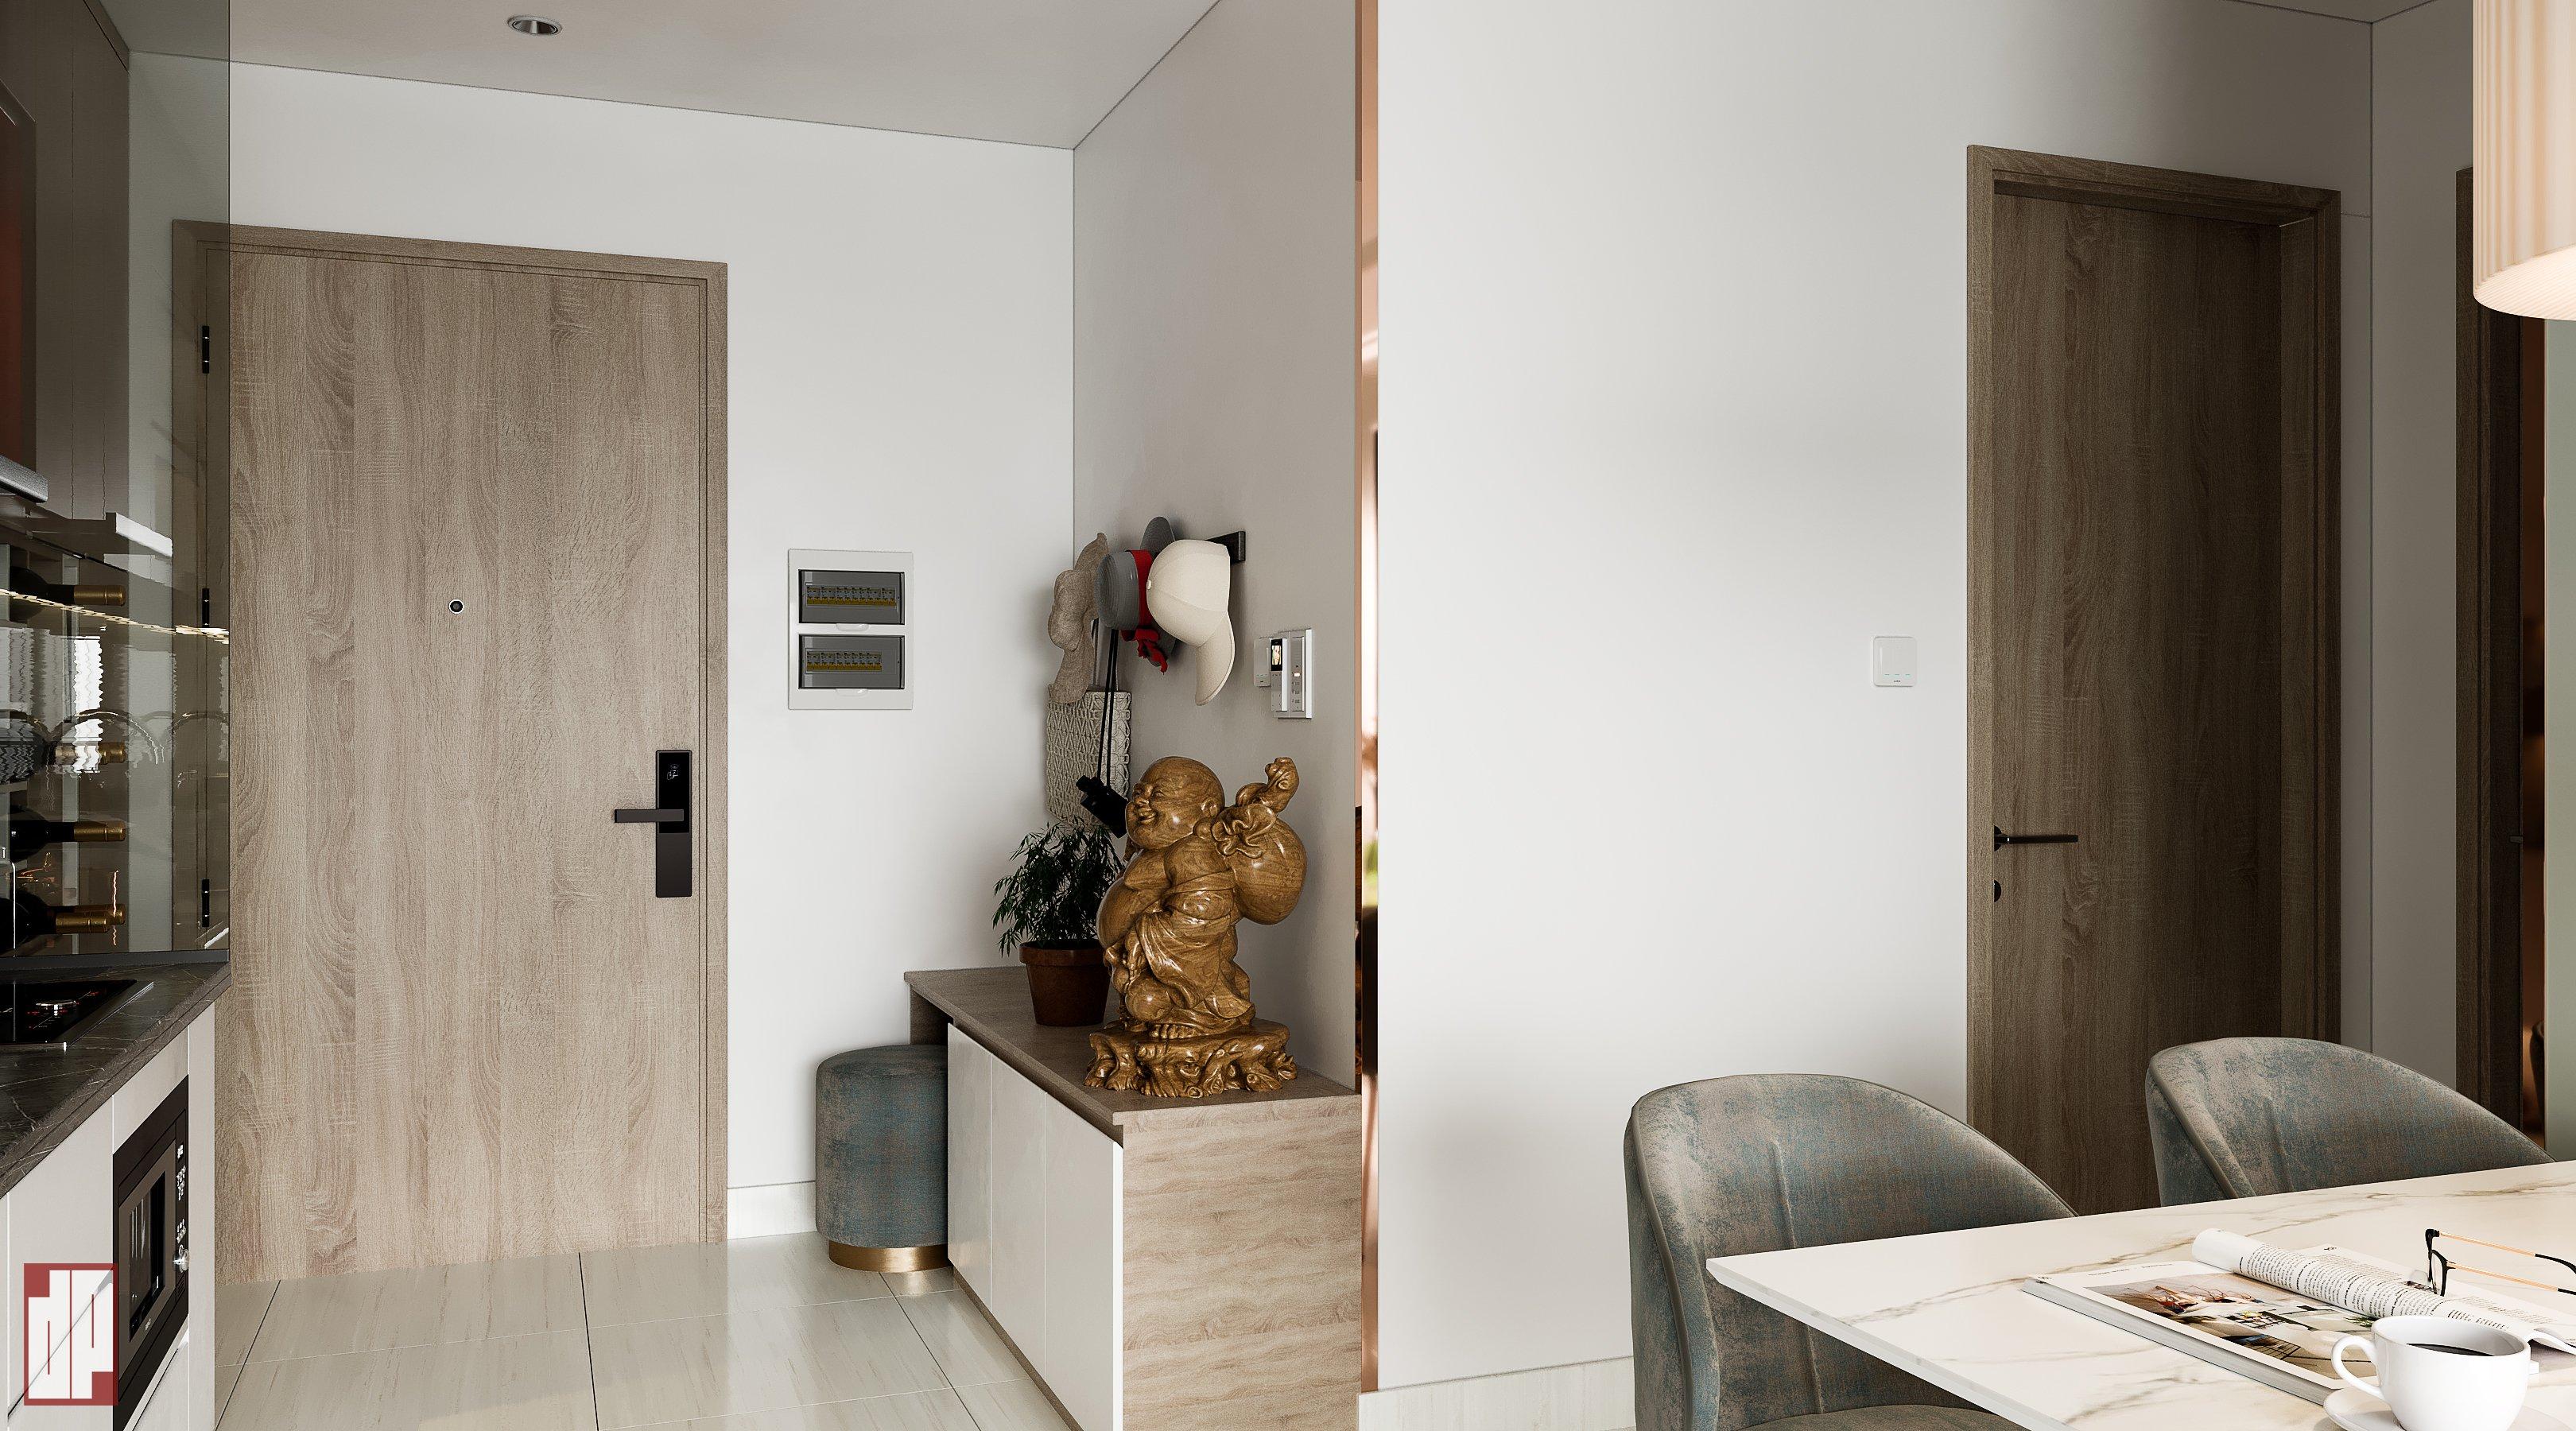 Thiết kế nội thất Chung Cư tại Hồ Chí Minh CHUNG CU VINHOME CENTRAL PARK-Q9 1630423857 11